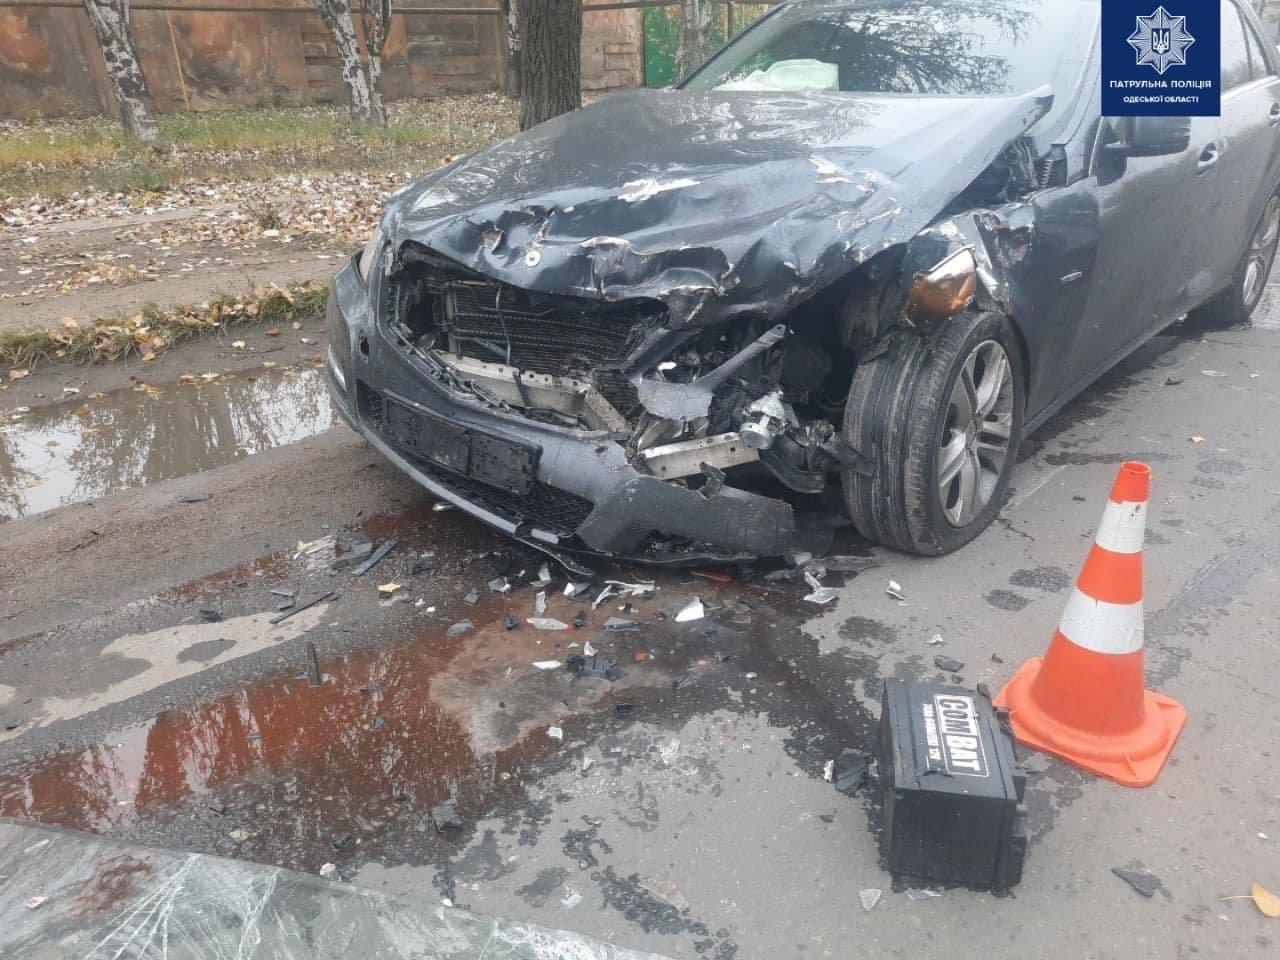 В Одессе в ДТП с тремя автомобилями пострадал мужчина, - ФОТО, фото-2